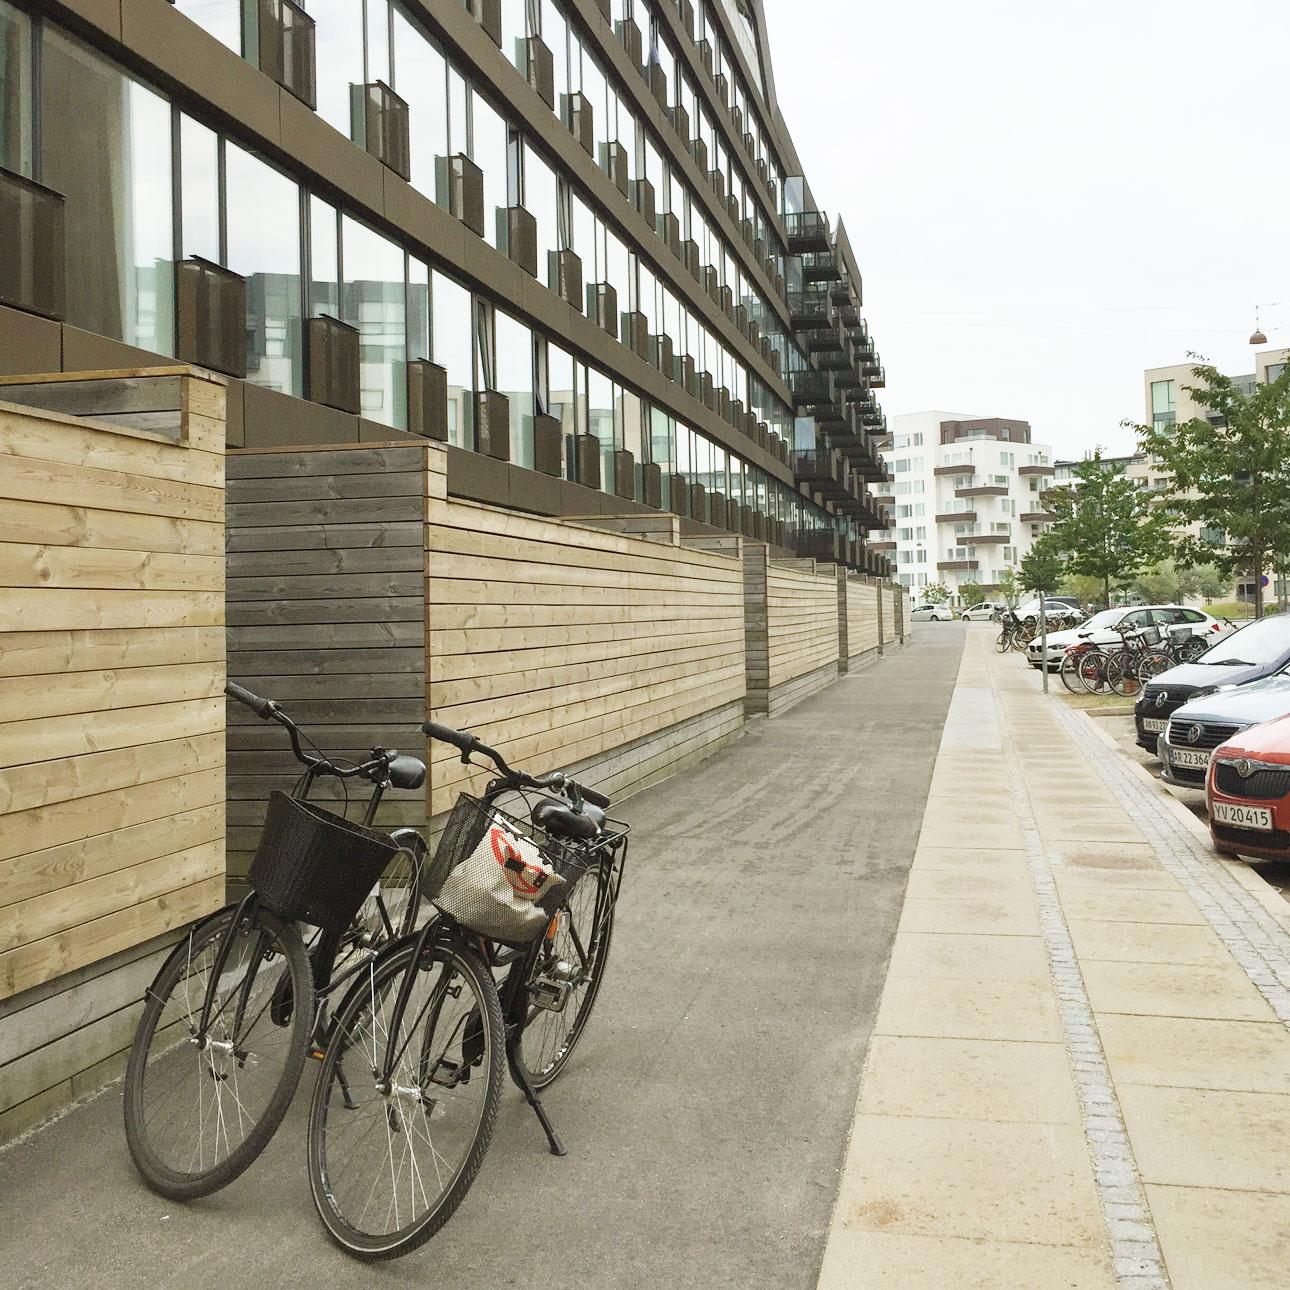 STAY hotel Kopenhagen wijk fietsen